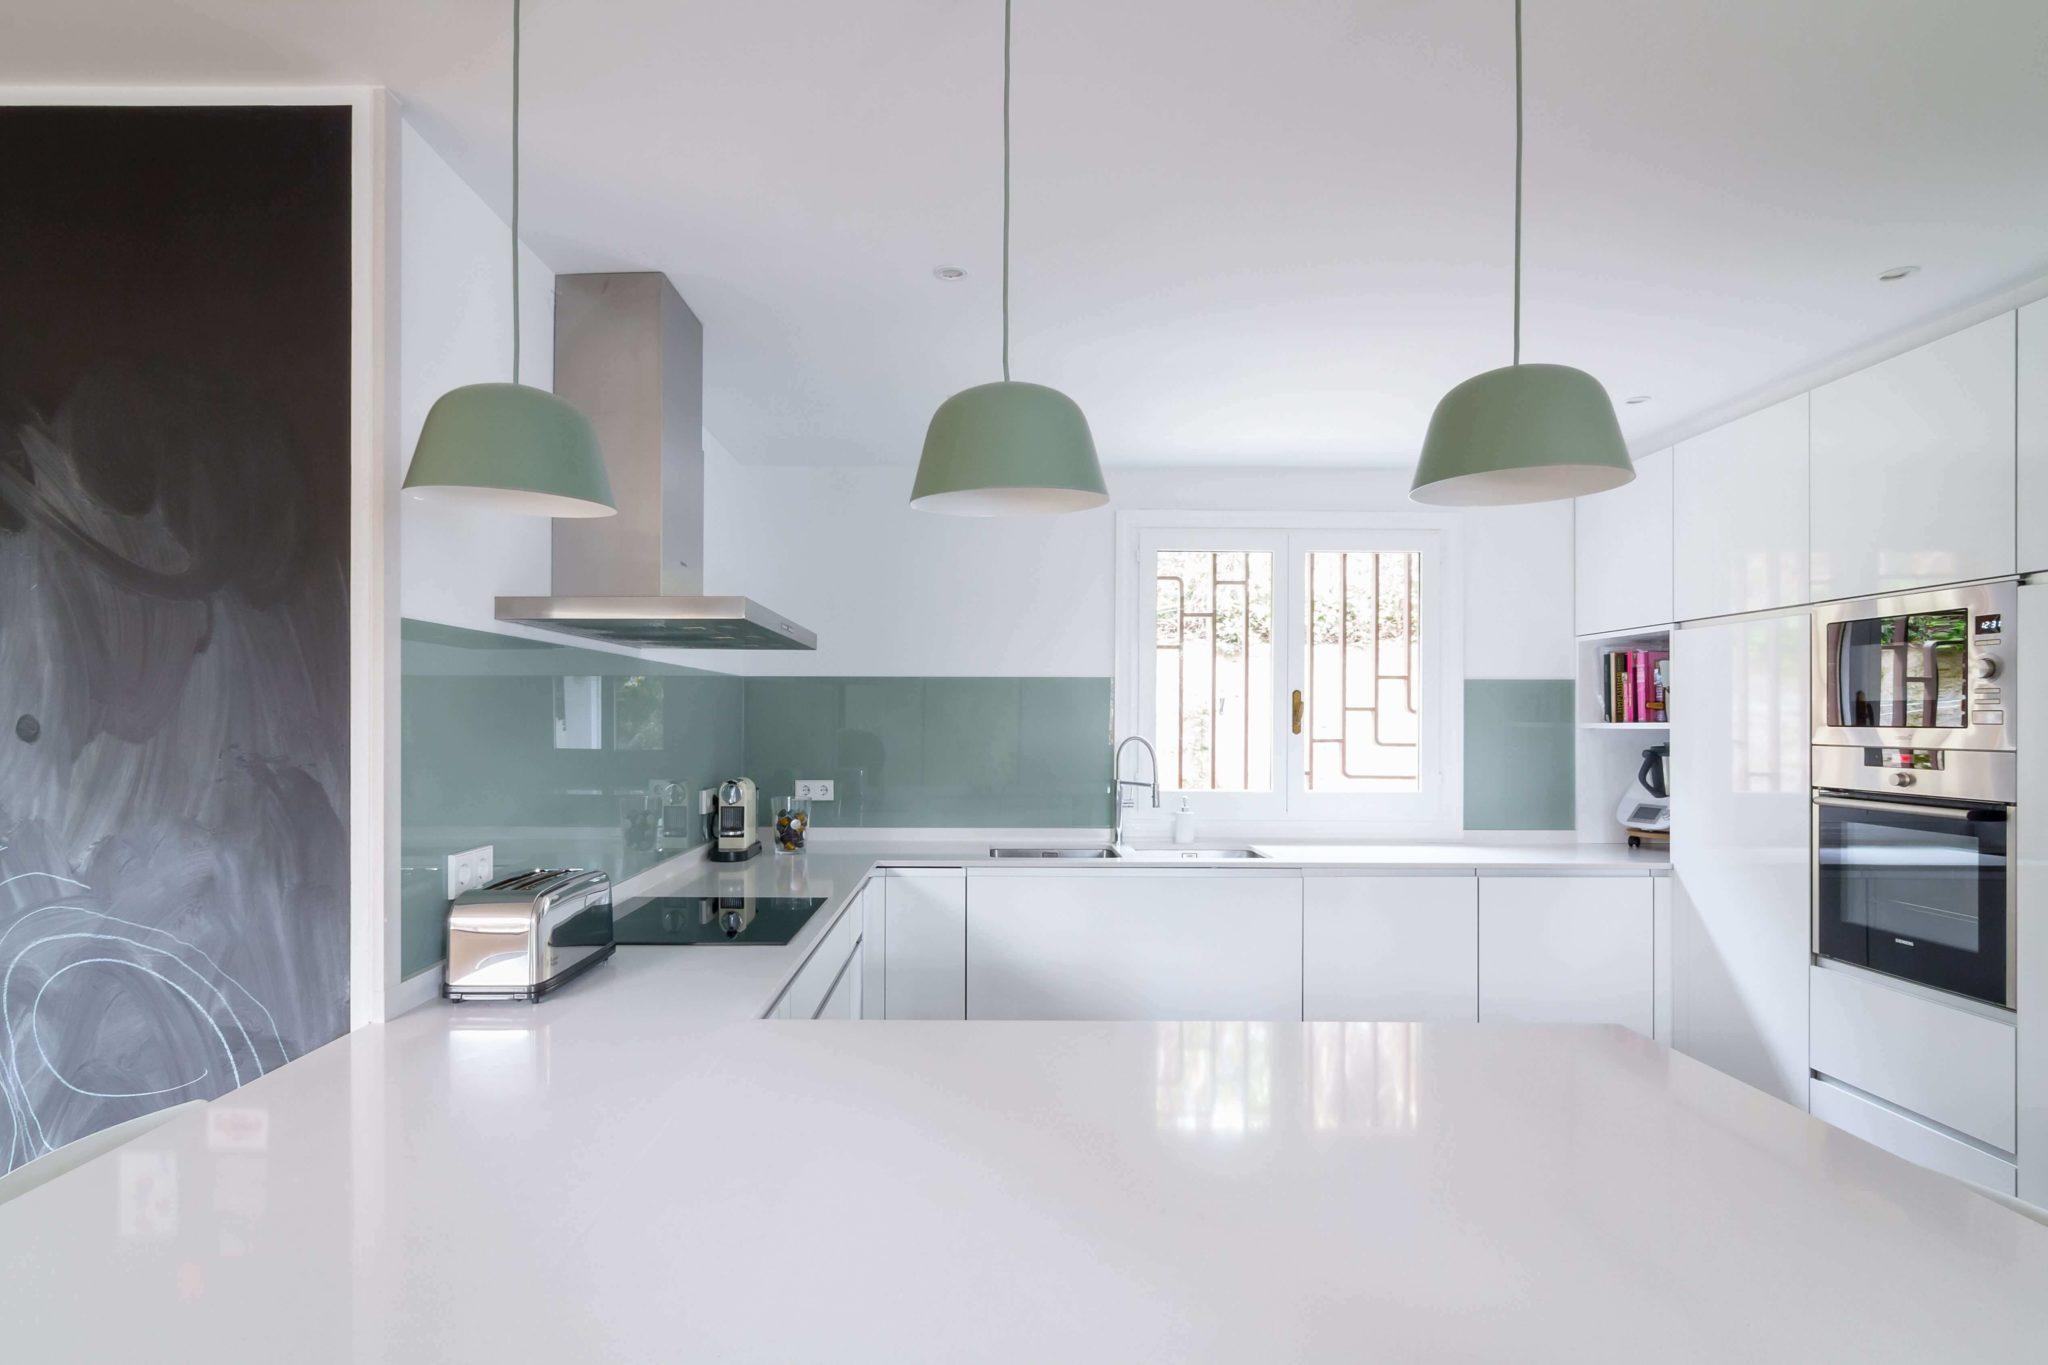 Cocina con península colores verde menta y blanca